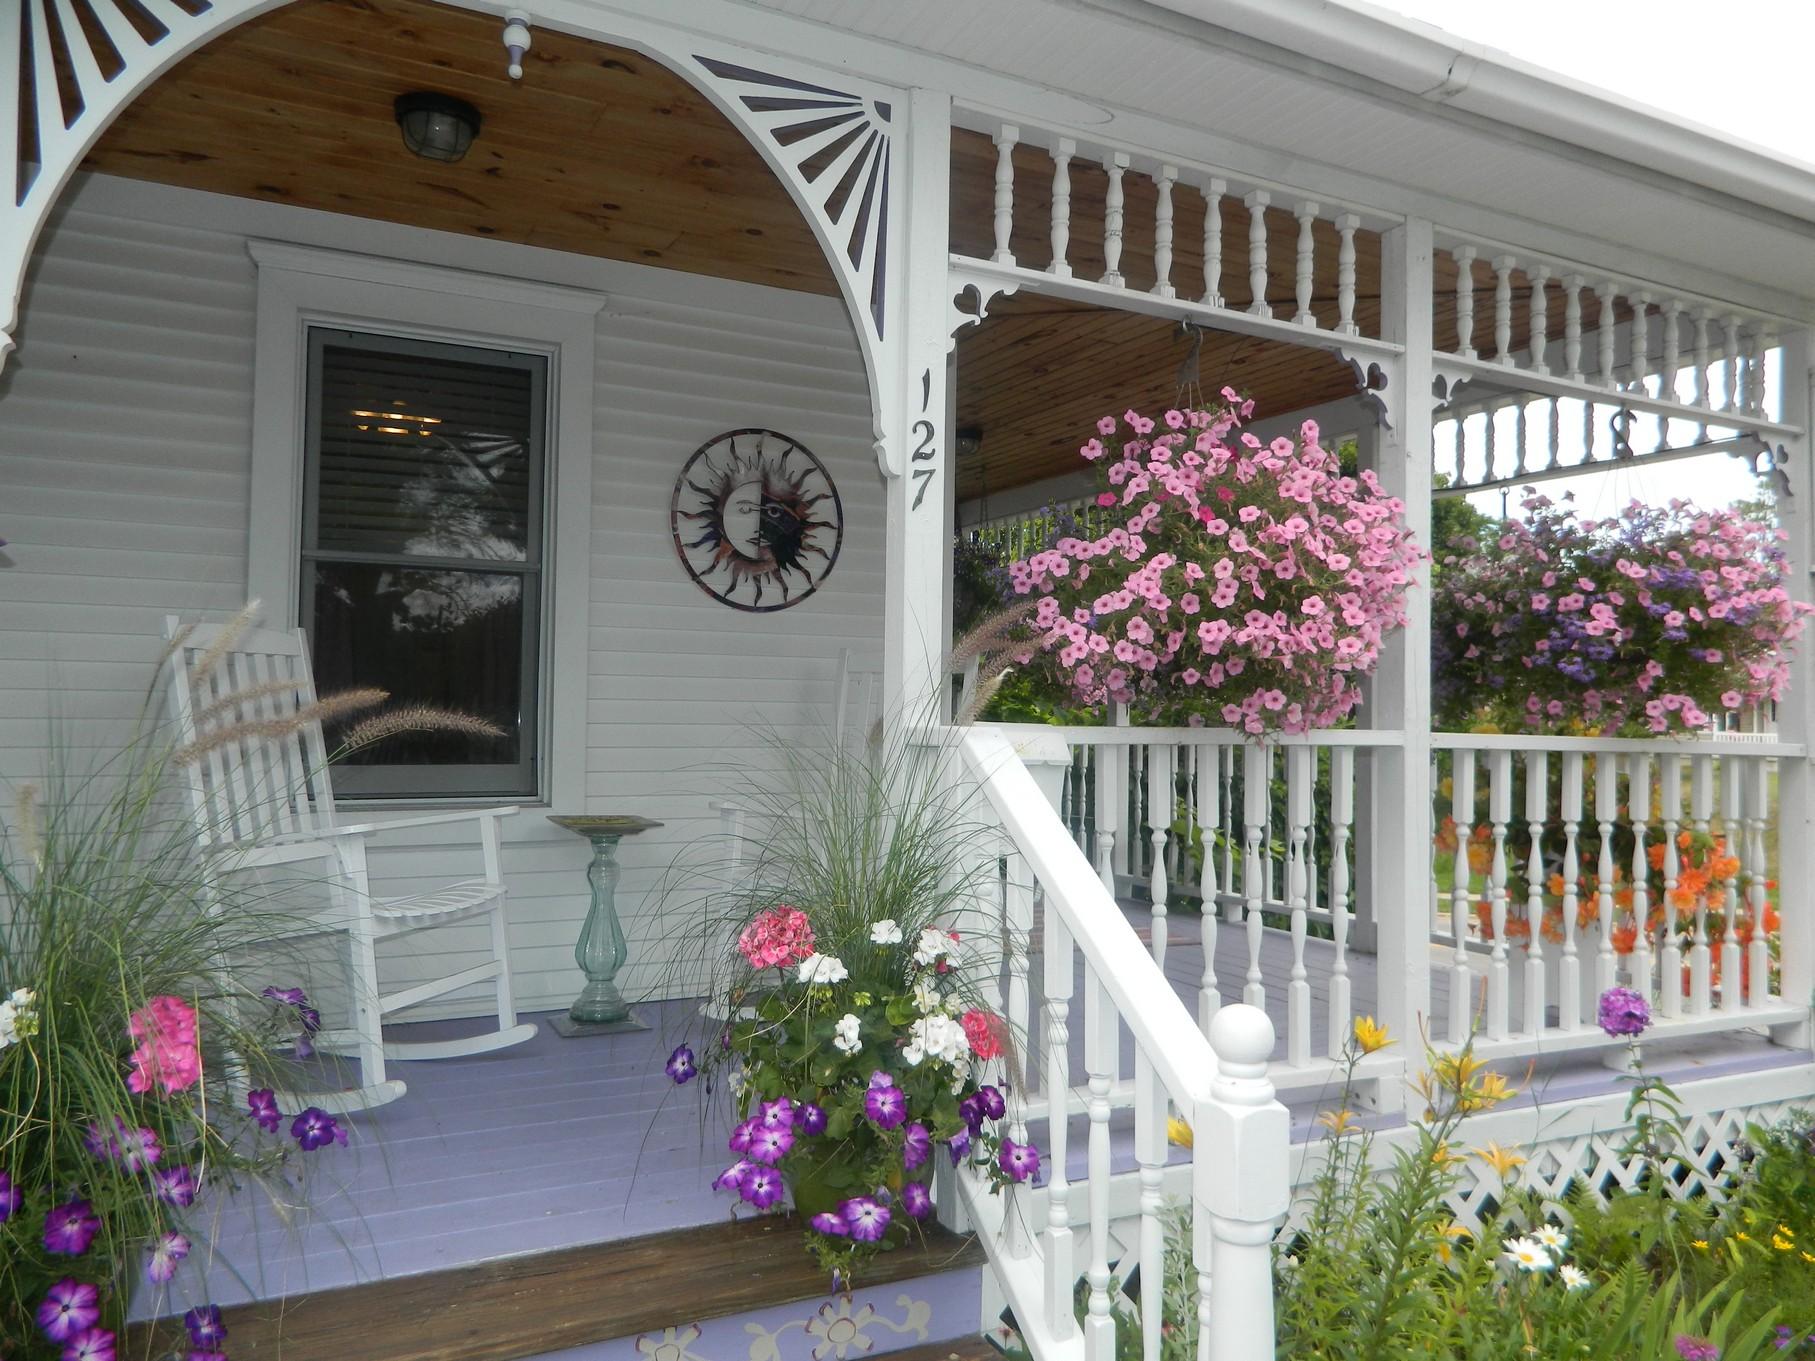 独户住宅 为 销售 在 In town Cottage 127 Cedar Street 博因河, 密歇根州, 49712 美国